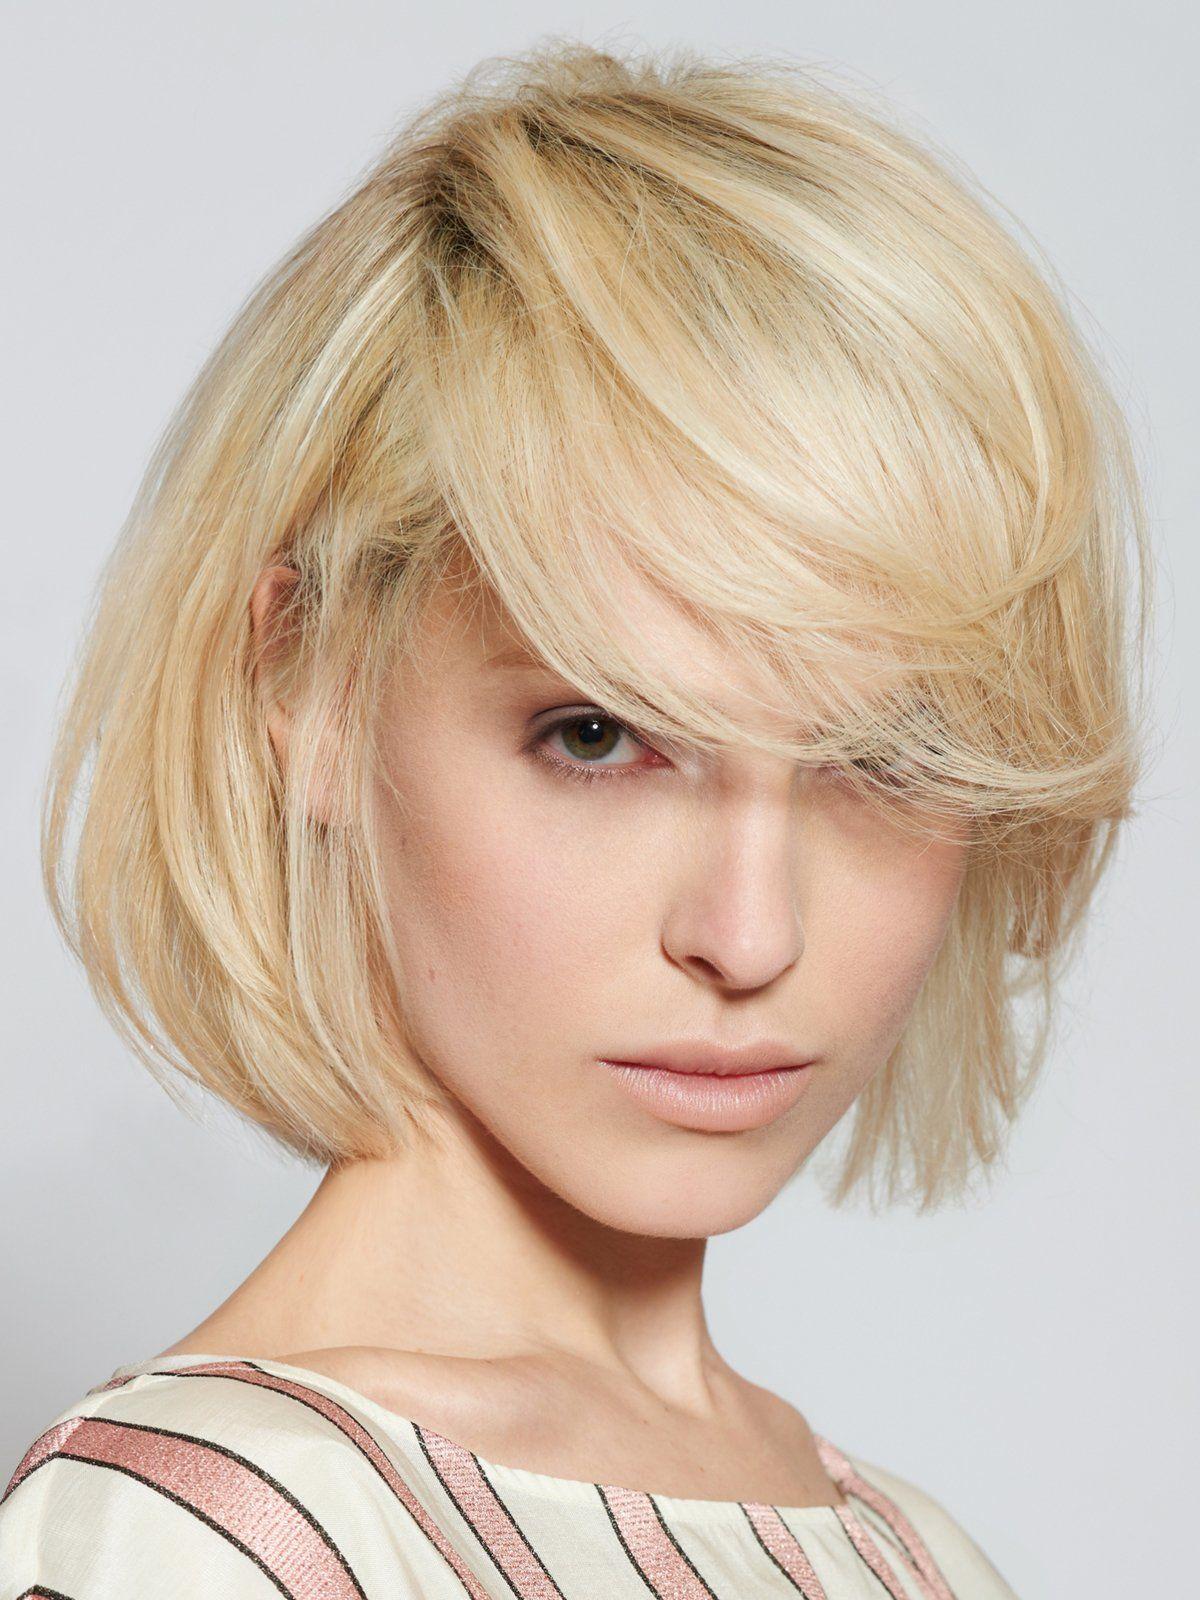 Mittellange Frisurentrends 2018 Ein Neuer Haarschnitt Bitte